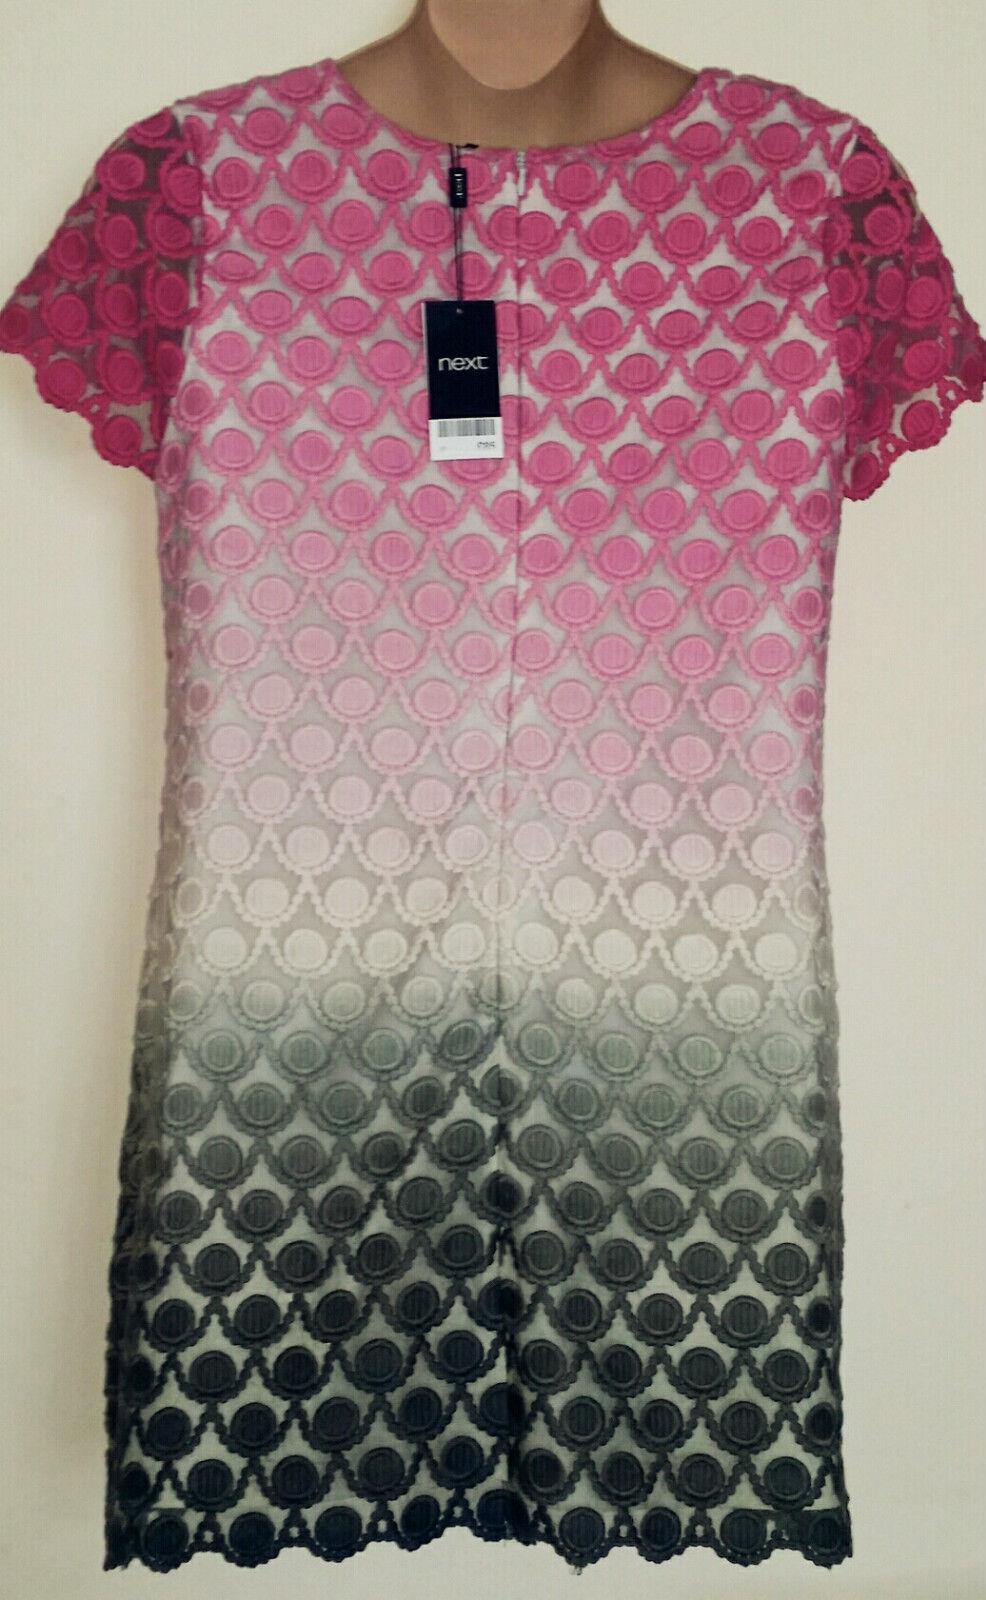 NEXT Ivory & rosa Foderato fine ORGANZA & & & Dip Dye ricama Shift Dress Fit 14   388ff0